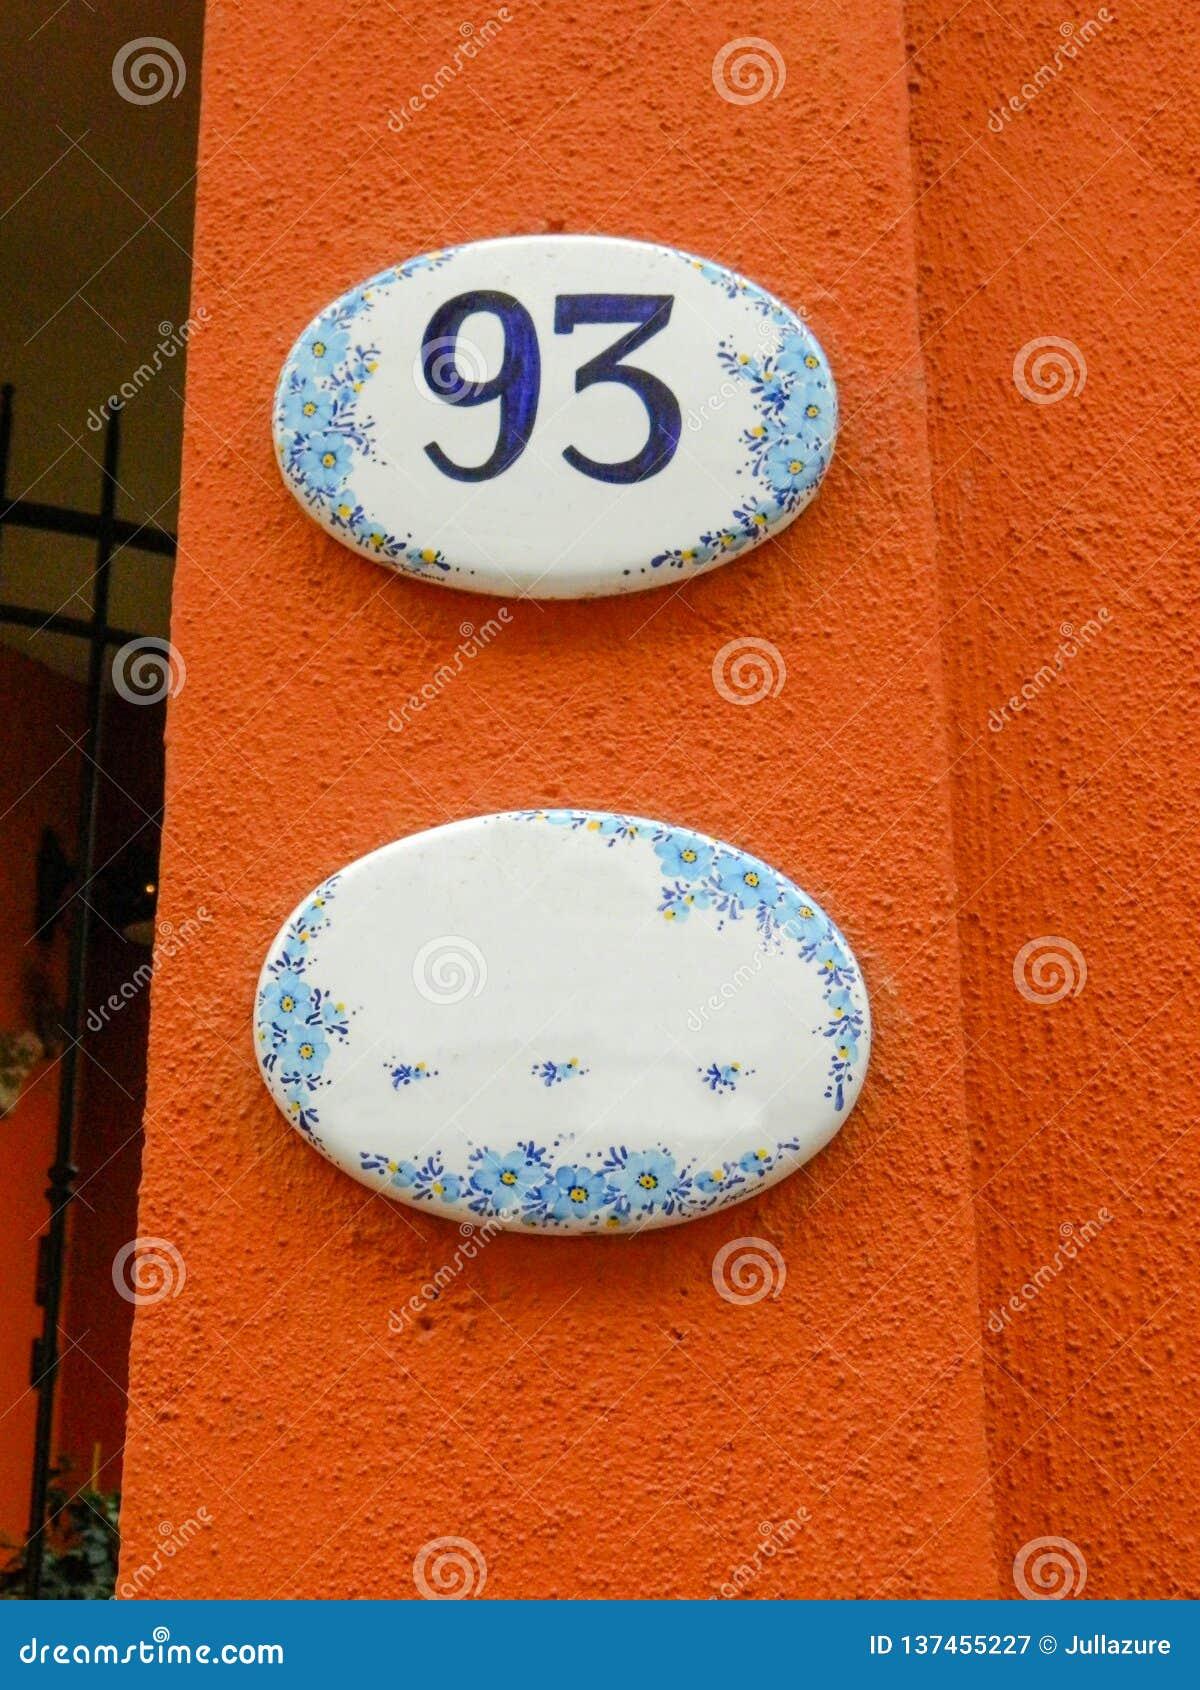 Número de casa, placa de cerámica con los dígitos azules, flores y el nombre de la calle Muestra decorativa del nombre o de númer